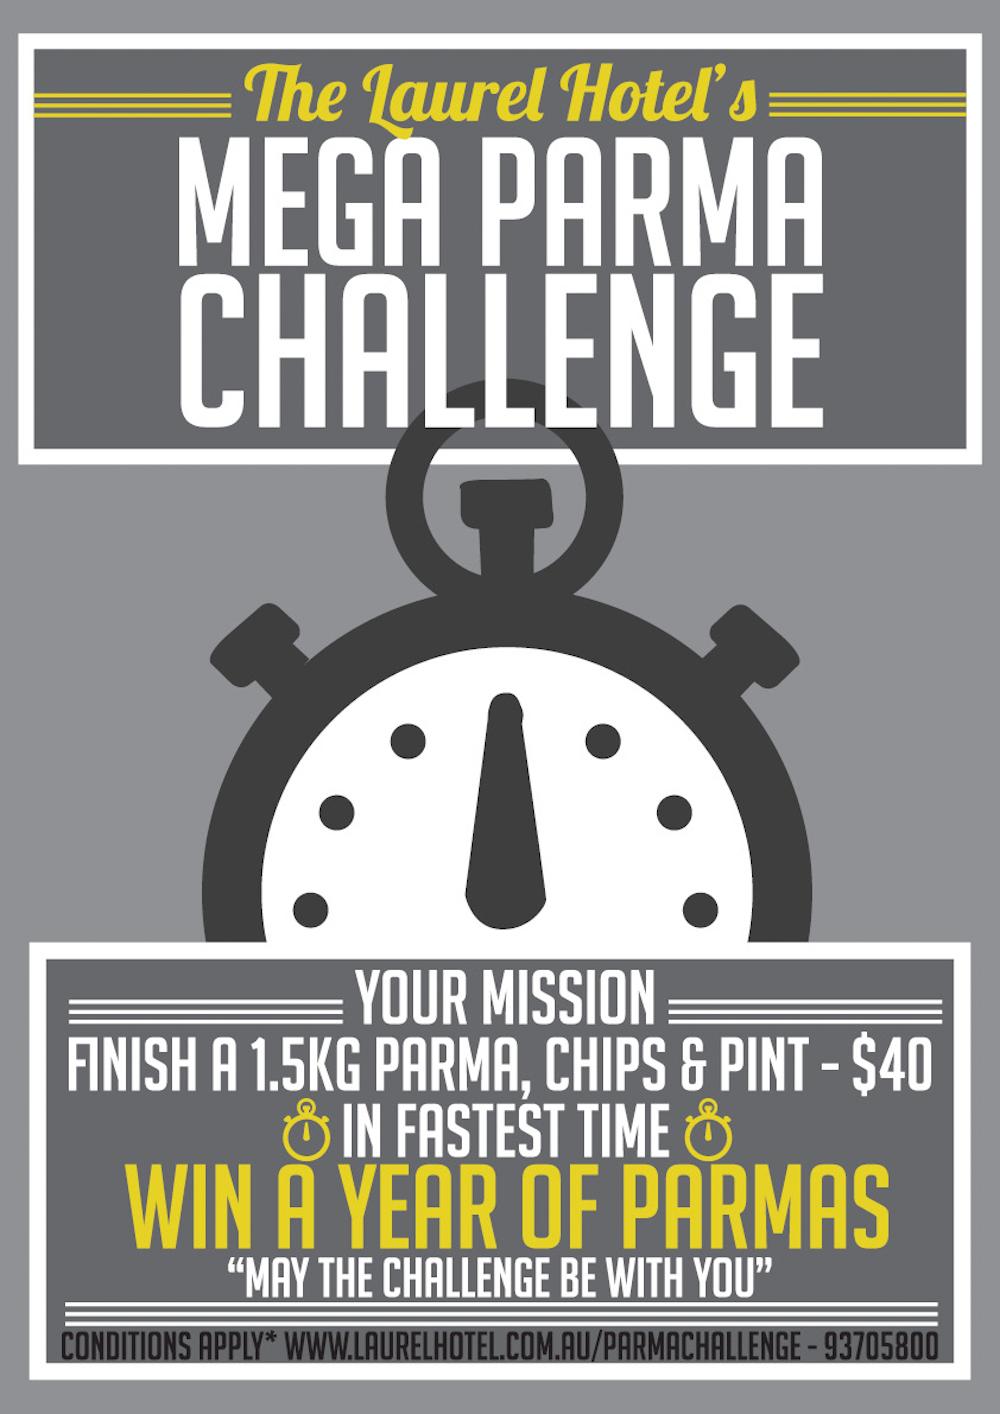 Mega Parma Challenge Poster(1)